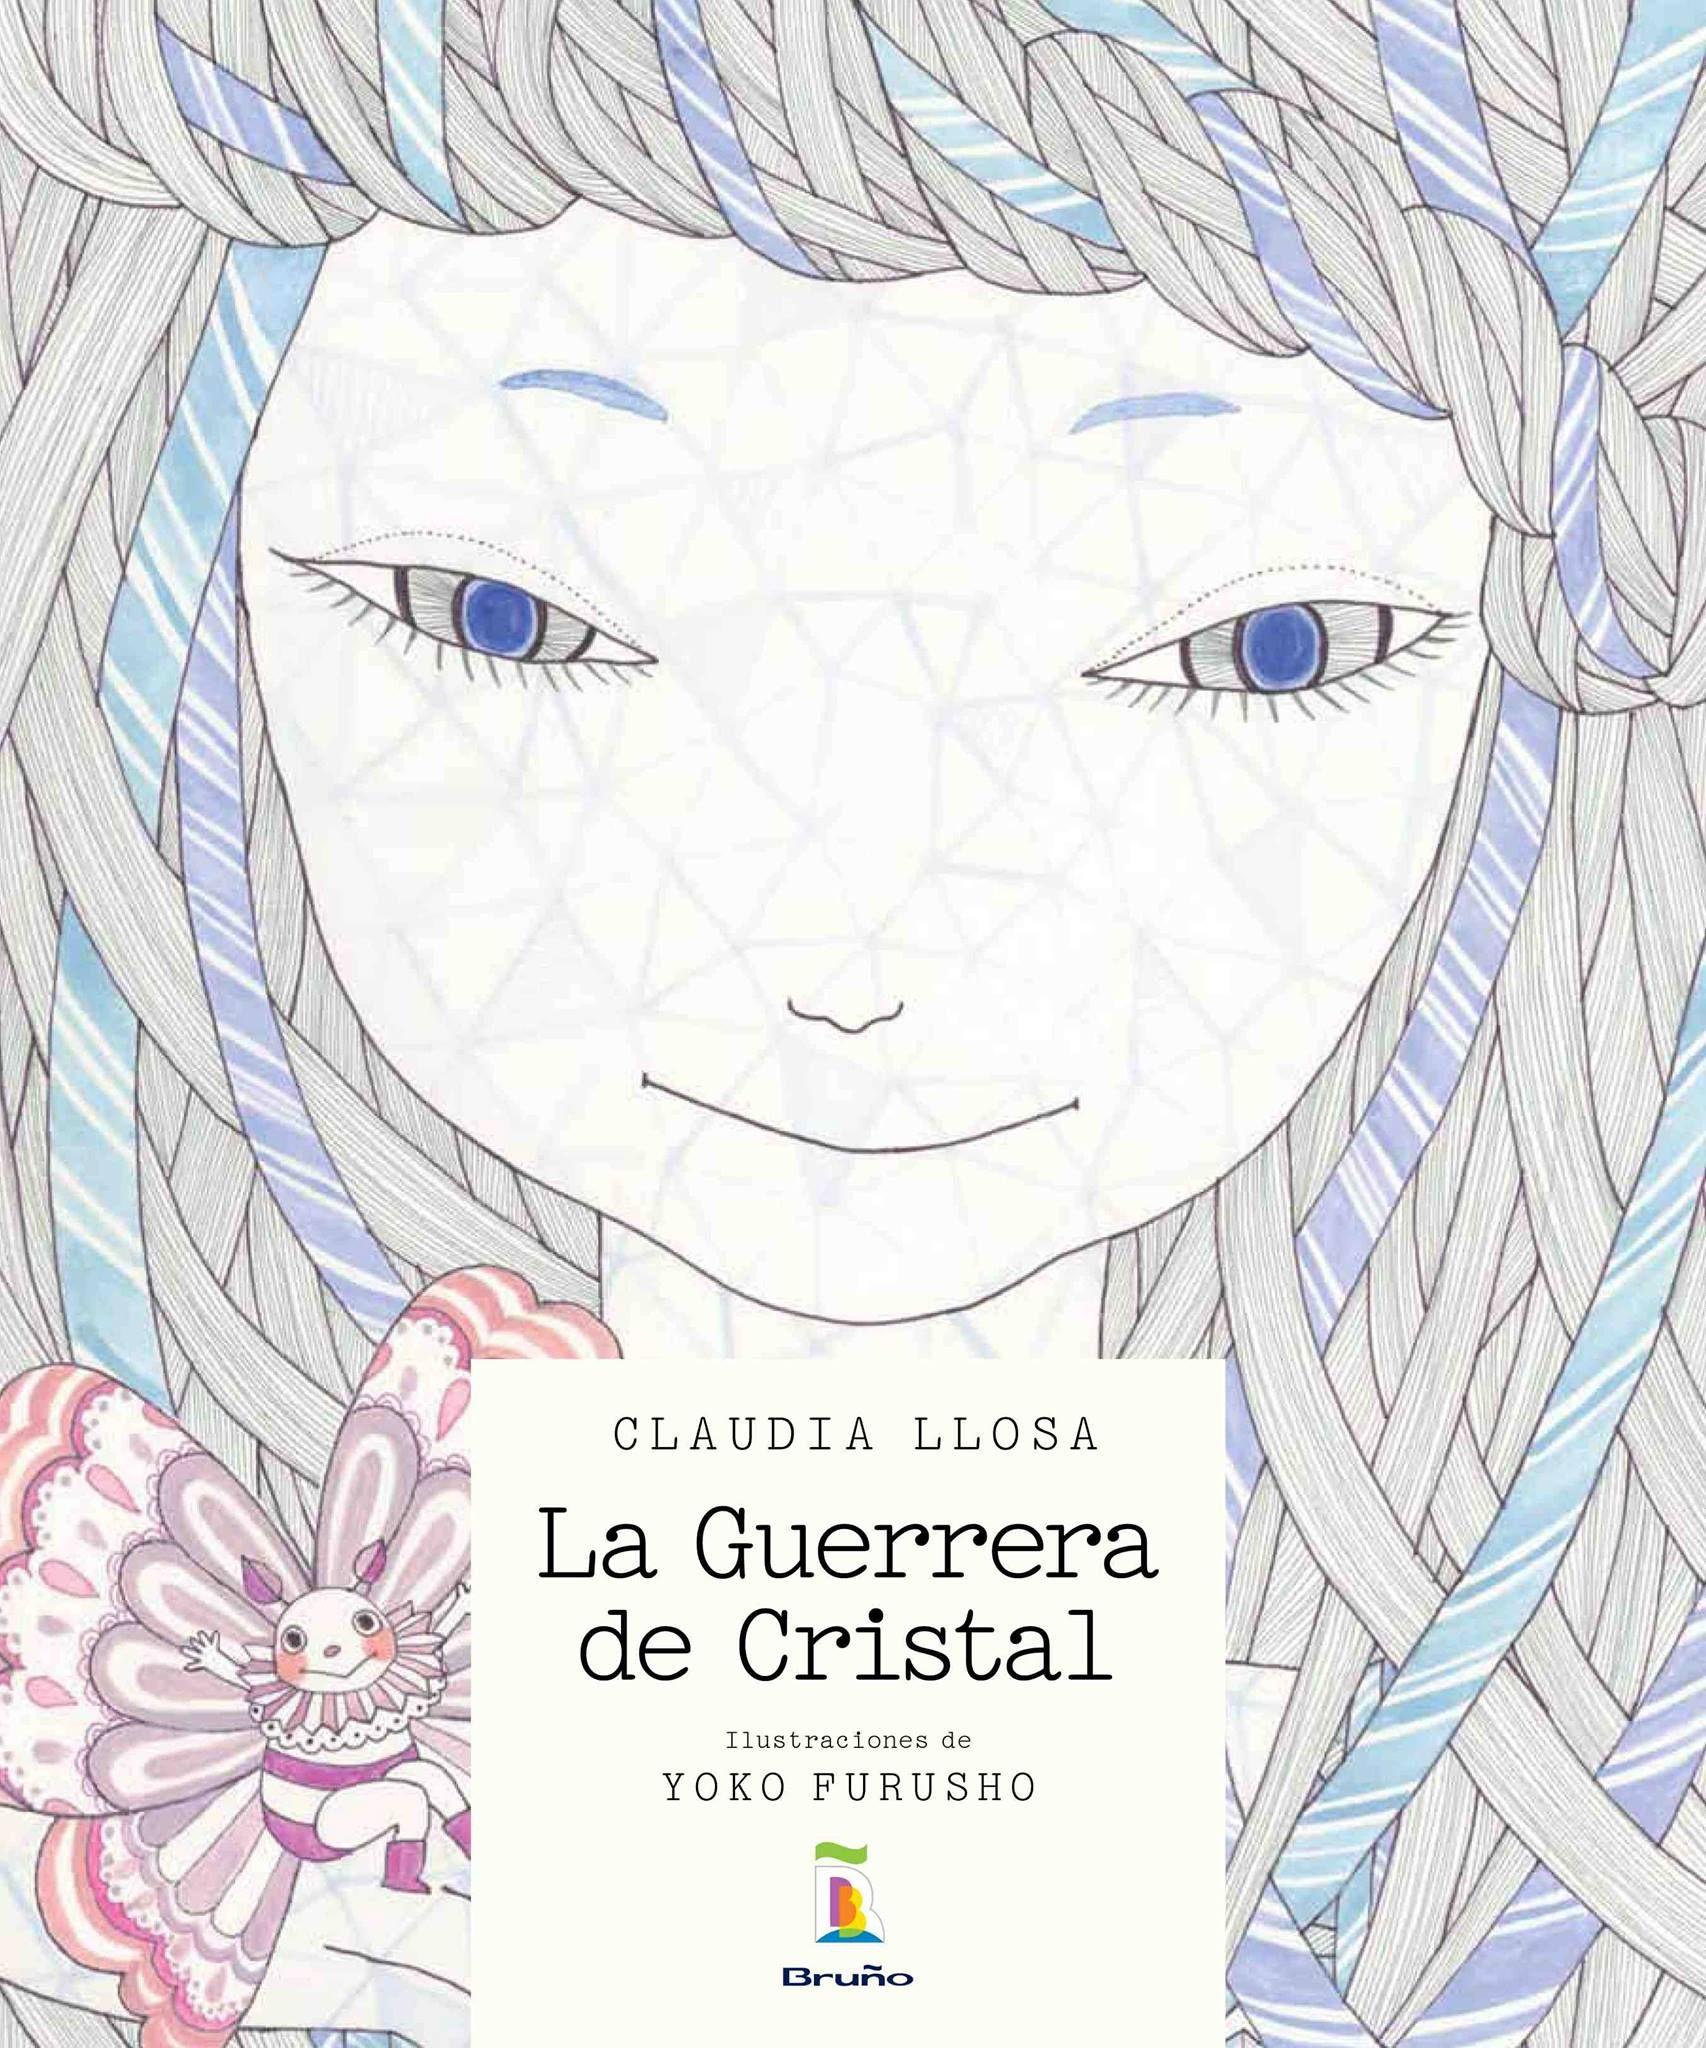 """La reconocida y premiada cineasta peruanaClaudia Llosa es ahora también una talentosa escritora. Ella acaba de publicar """"La Guerrera de Cristal"""", bajo el sello de la Editorial Bruño."""